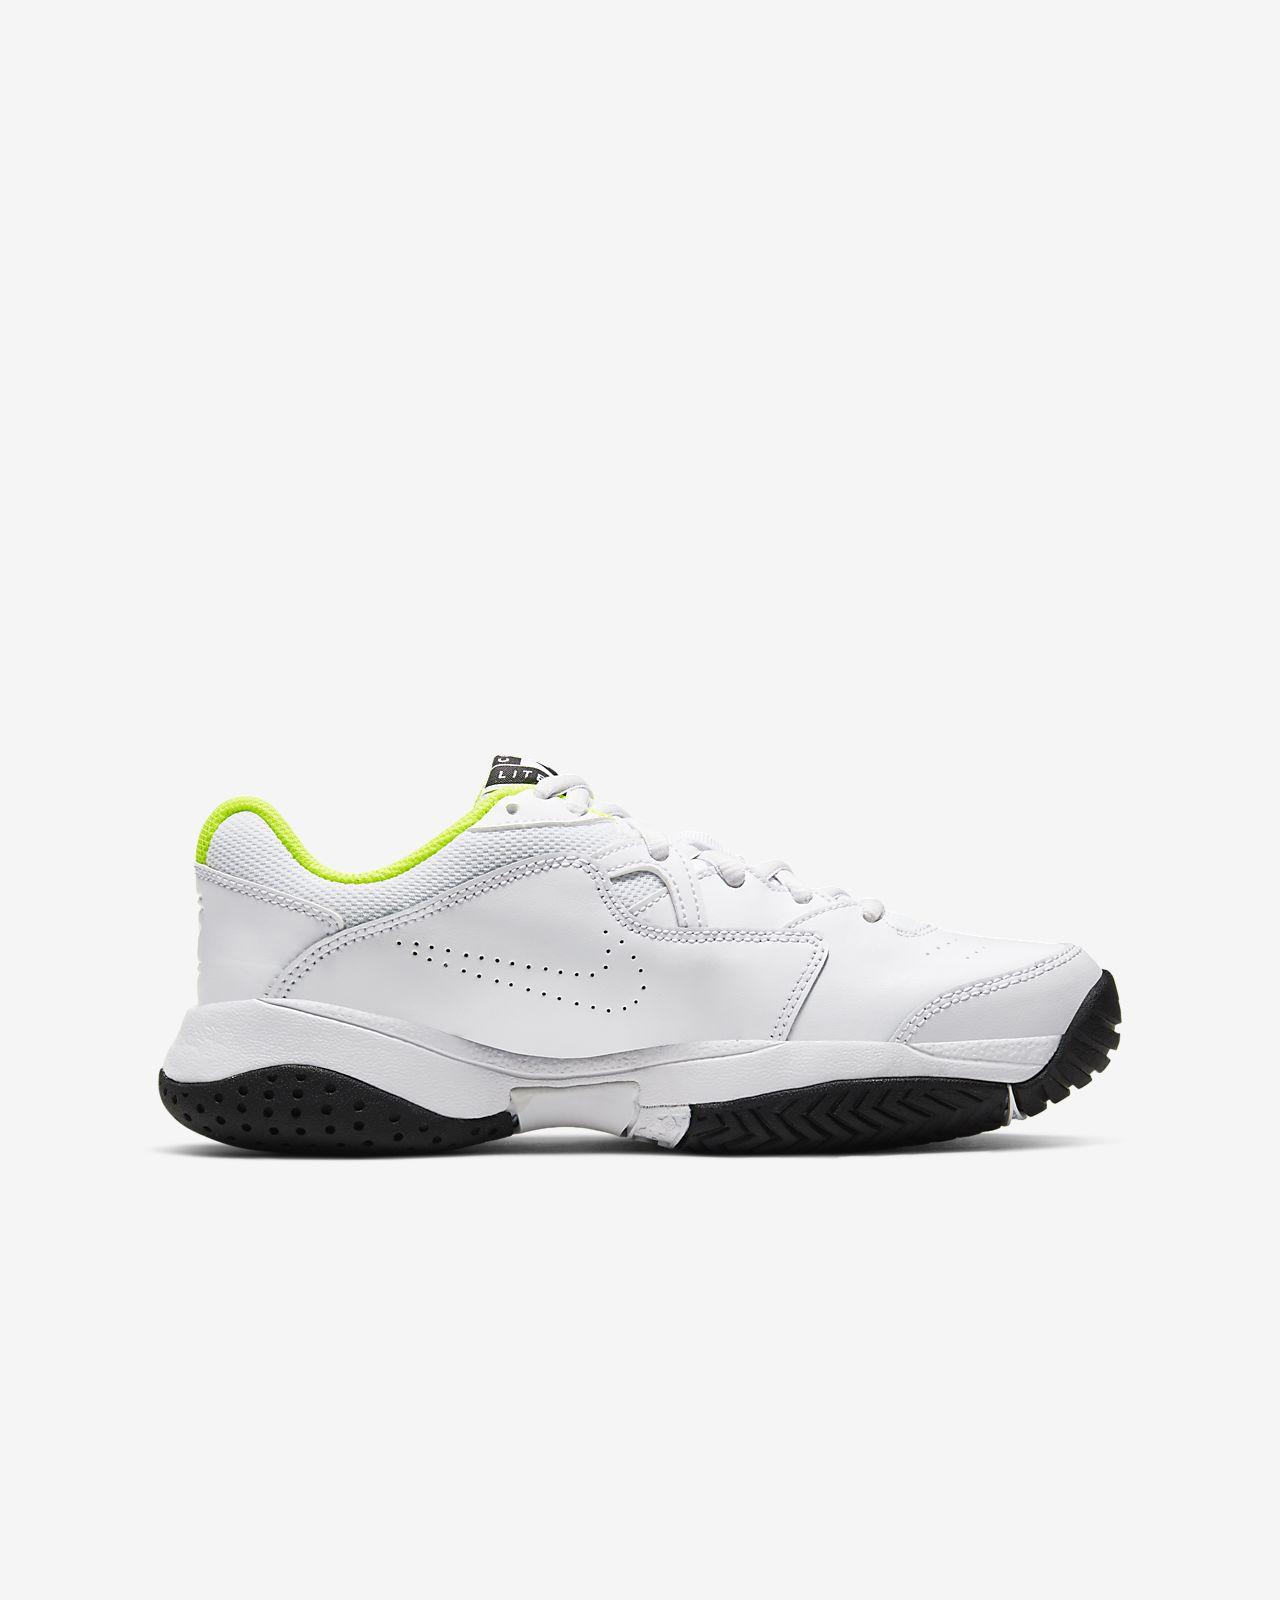 Nike Air Max Axis Schuh für jüngere Kinder whitetotal